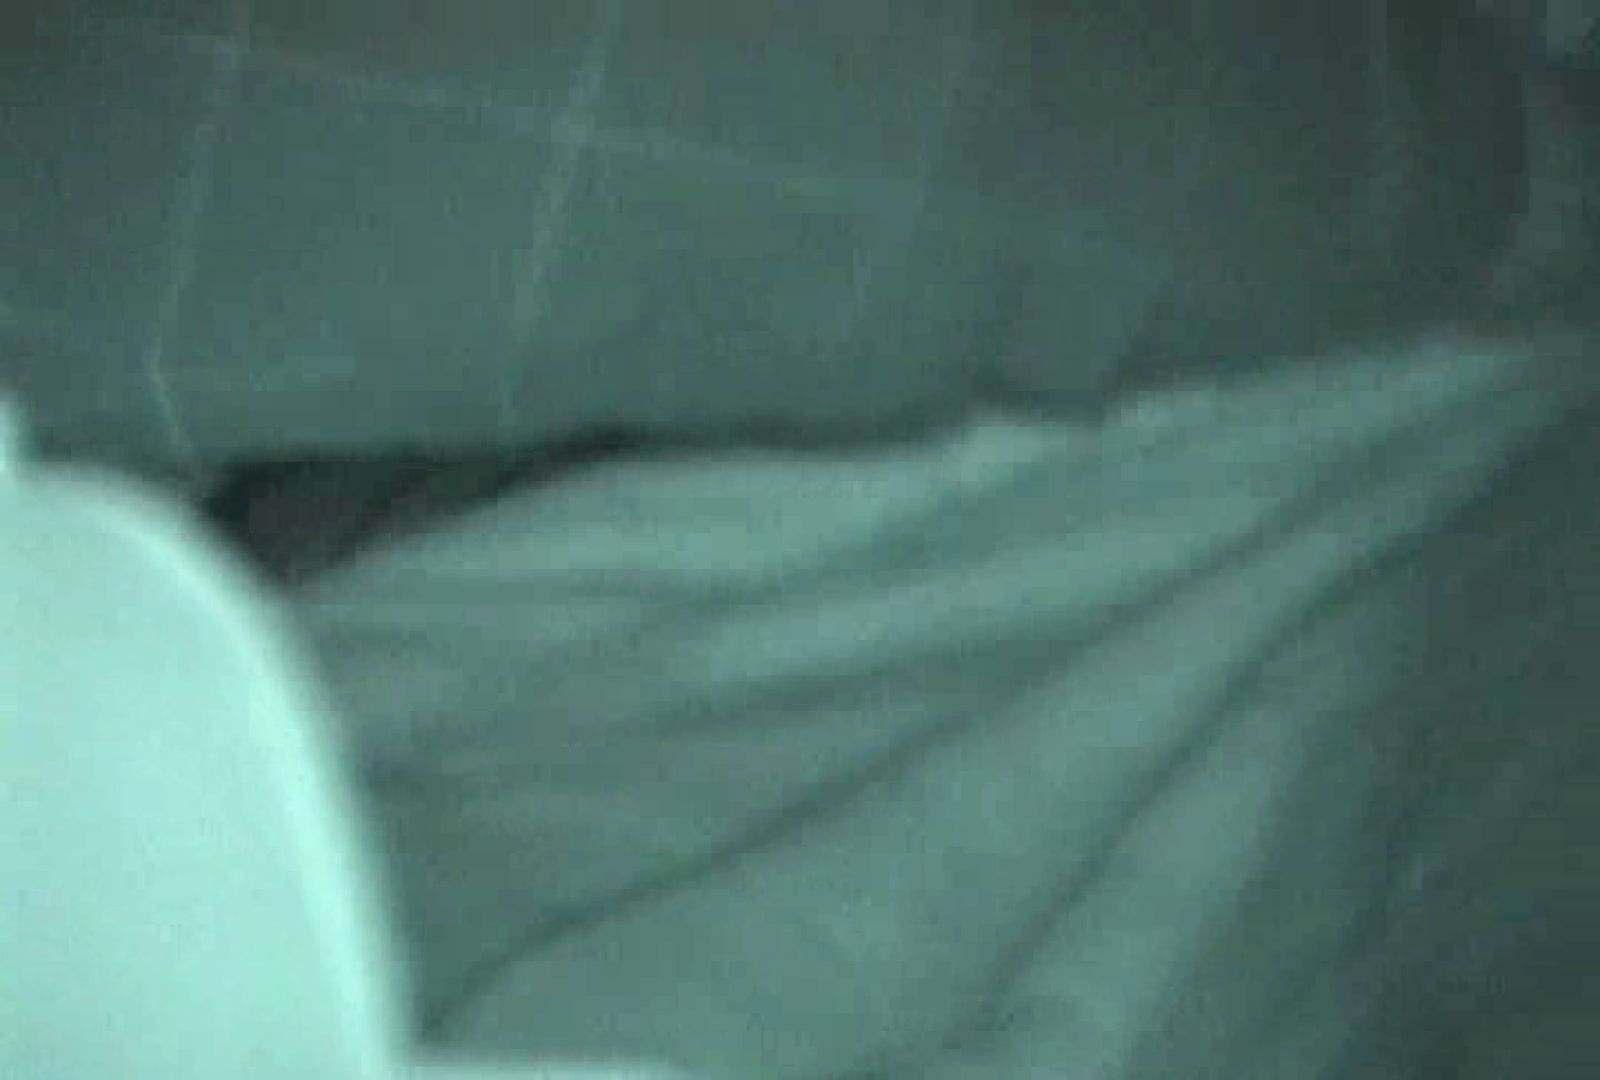 充血監督の深夜の運動会Vol.109 エッチなセックス AV無料動画キャプチャ 64画像 50